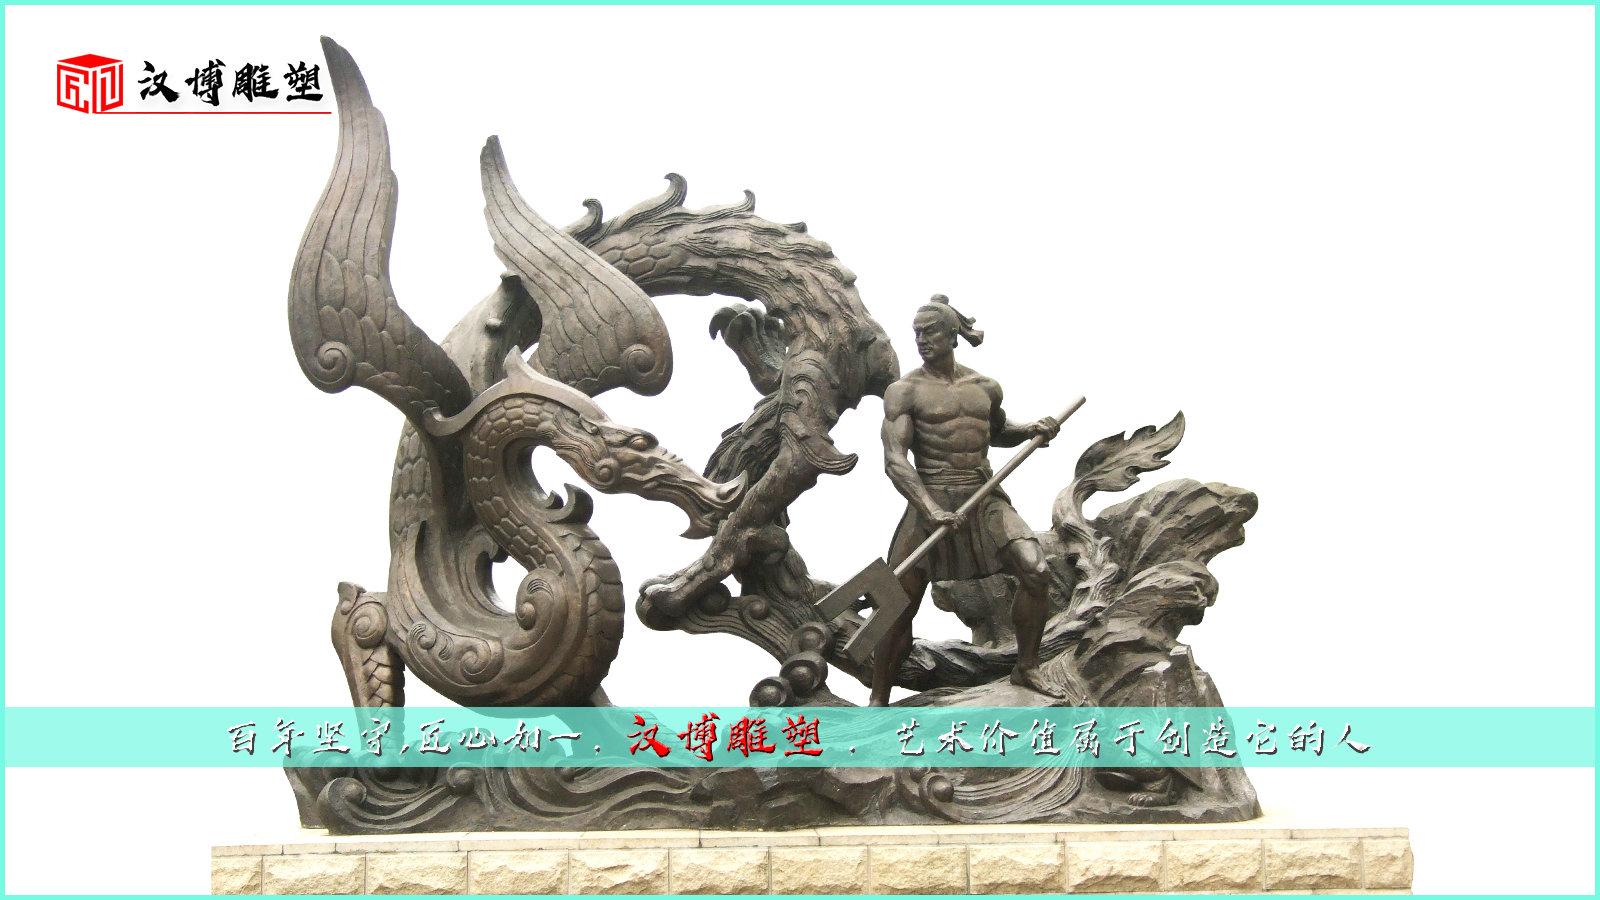 大禹治水铸铜雕塑,大禹精神永远激励中华民族充满活力